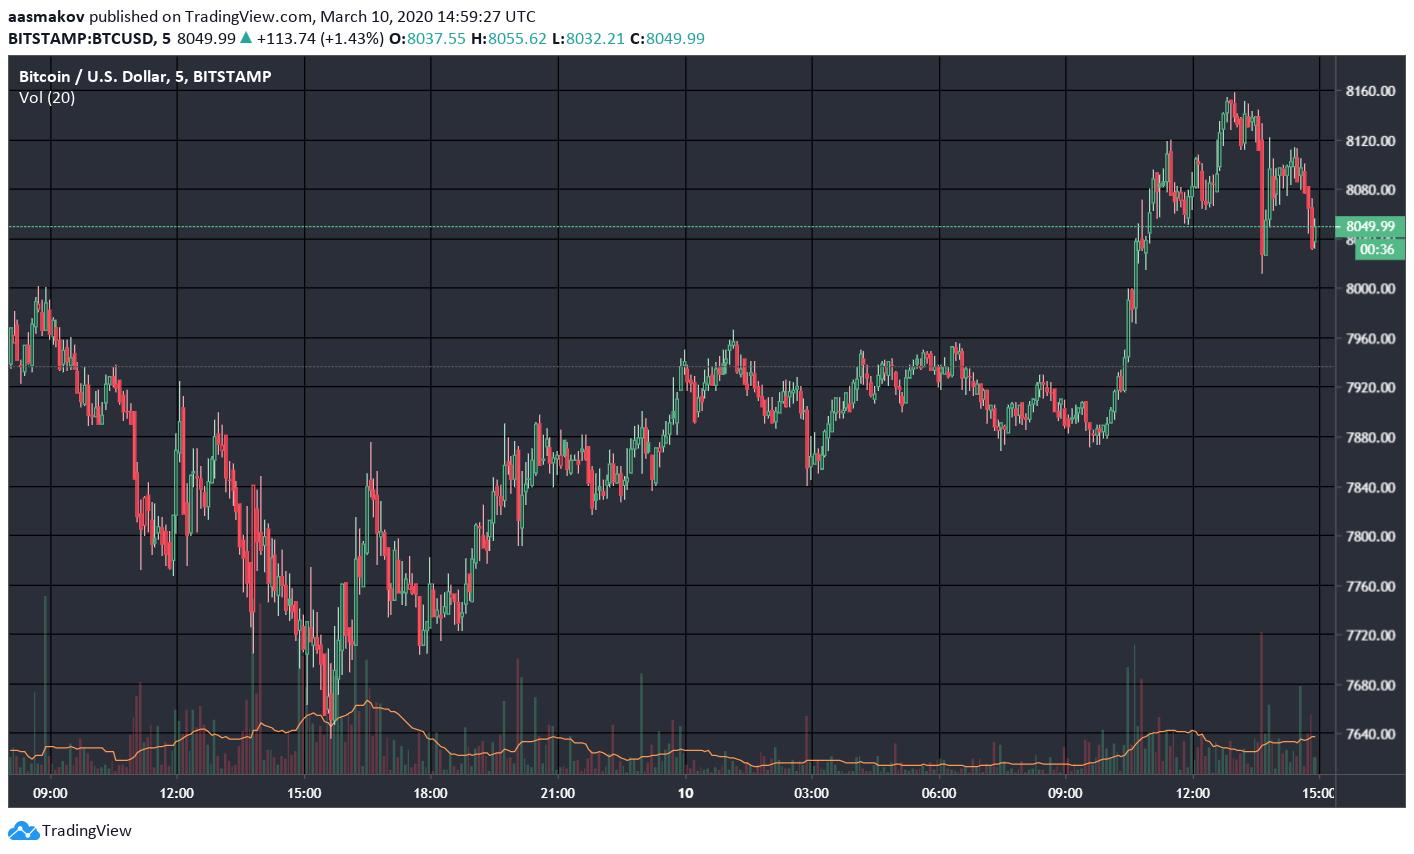 После неудачной попытки закрепиться выше $8000 биткоин возобновил падение